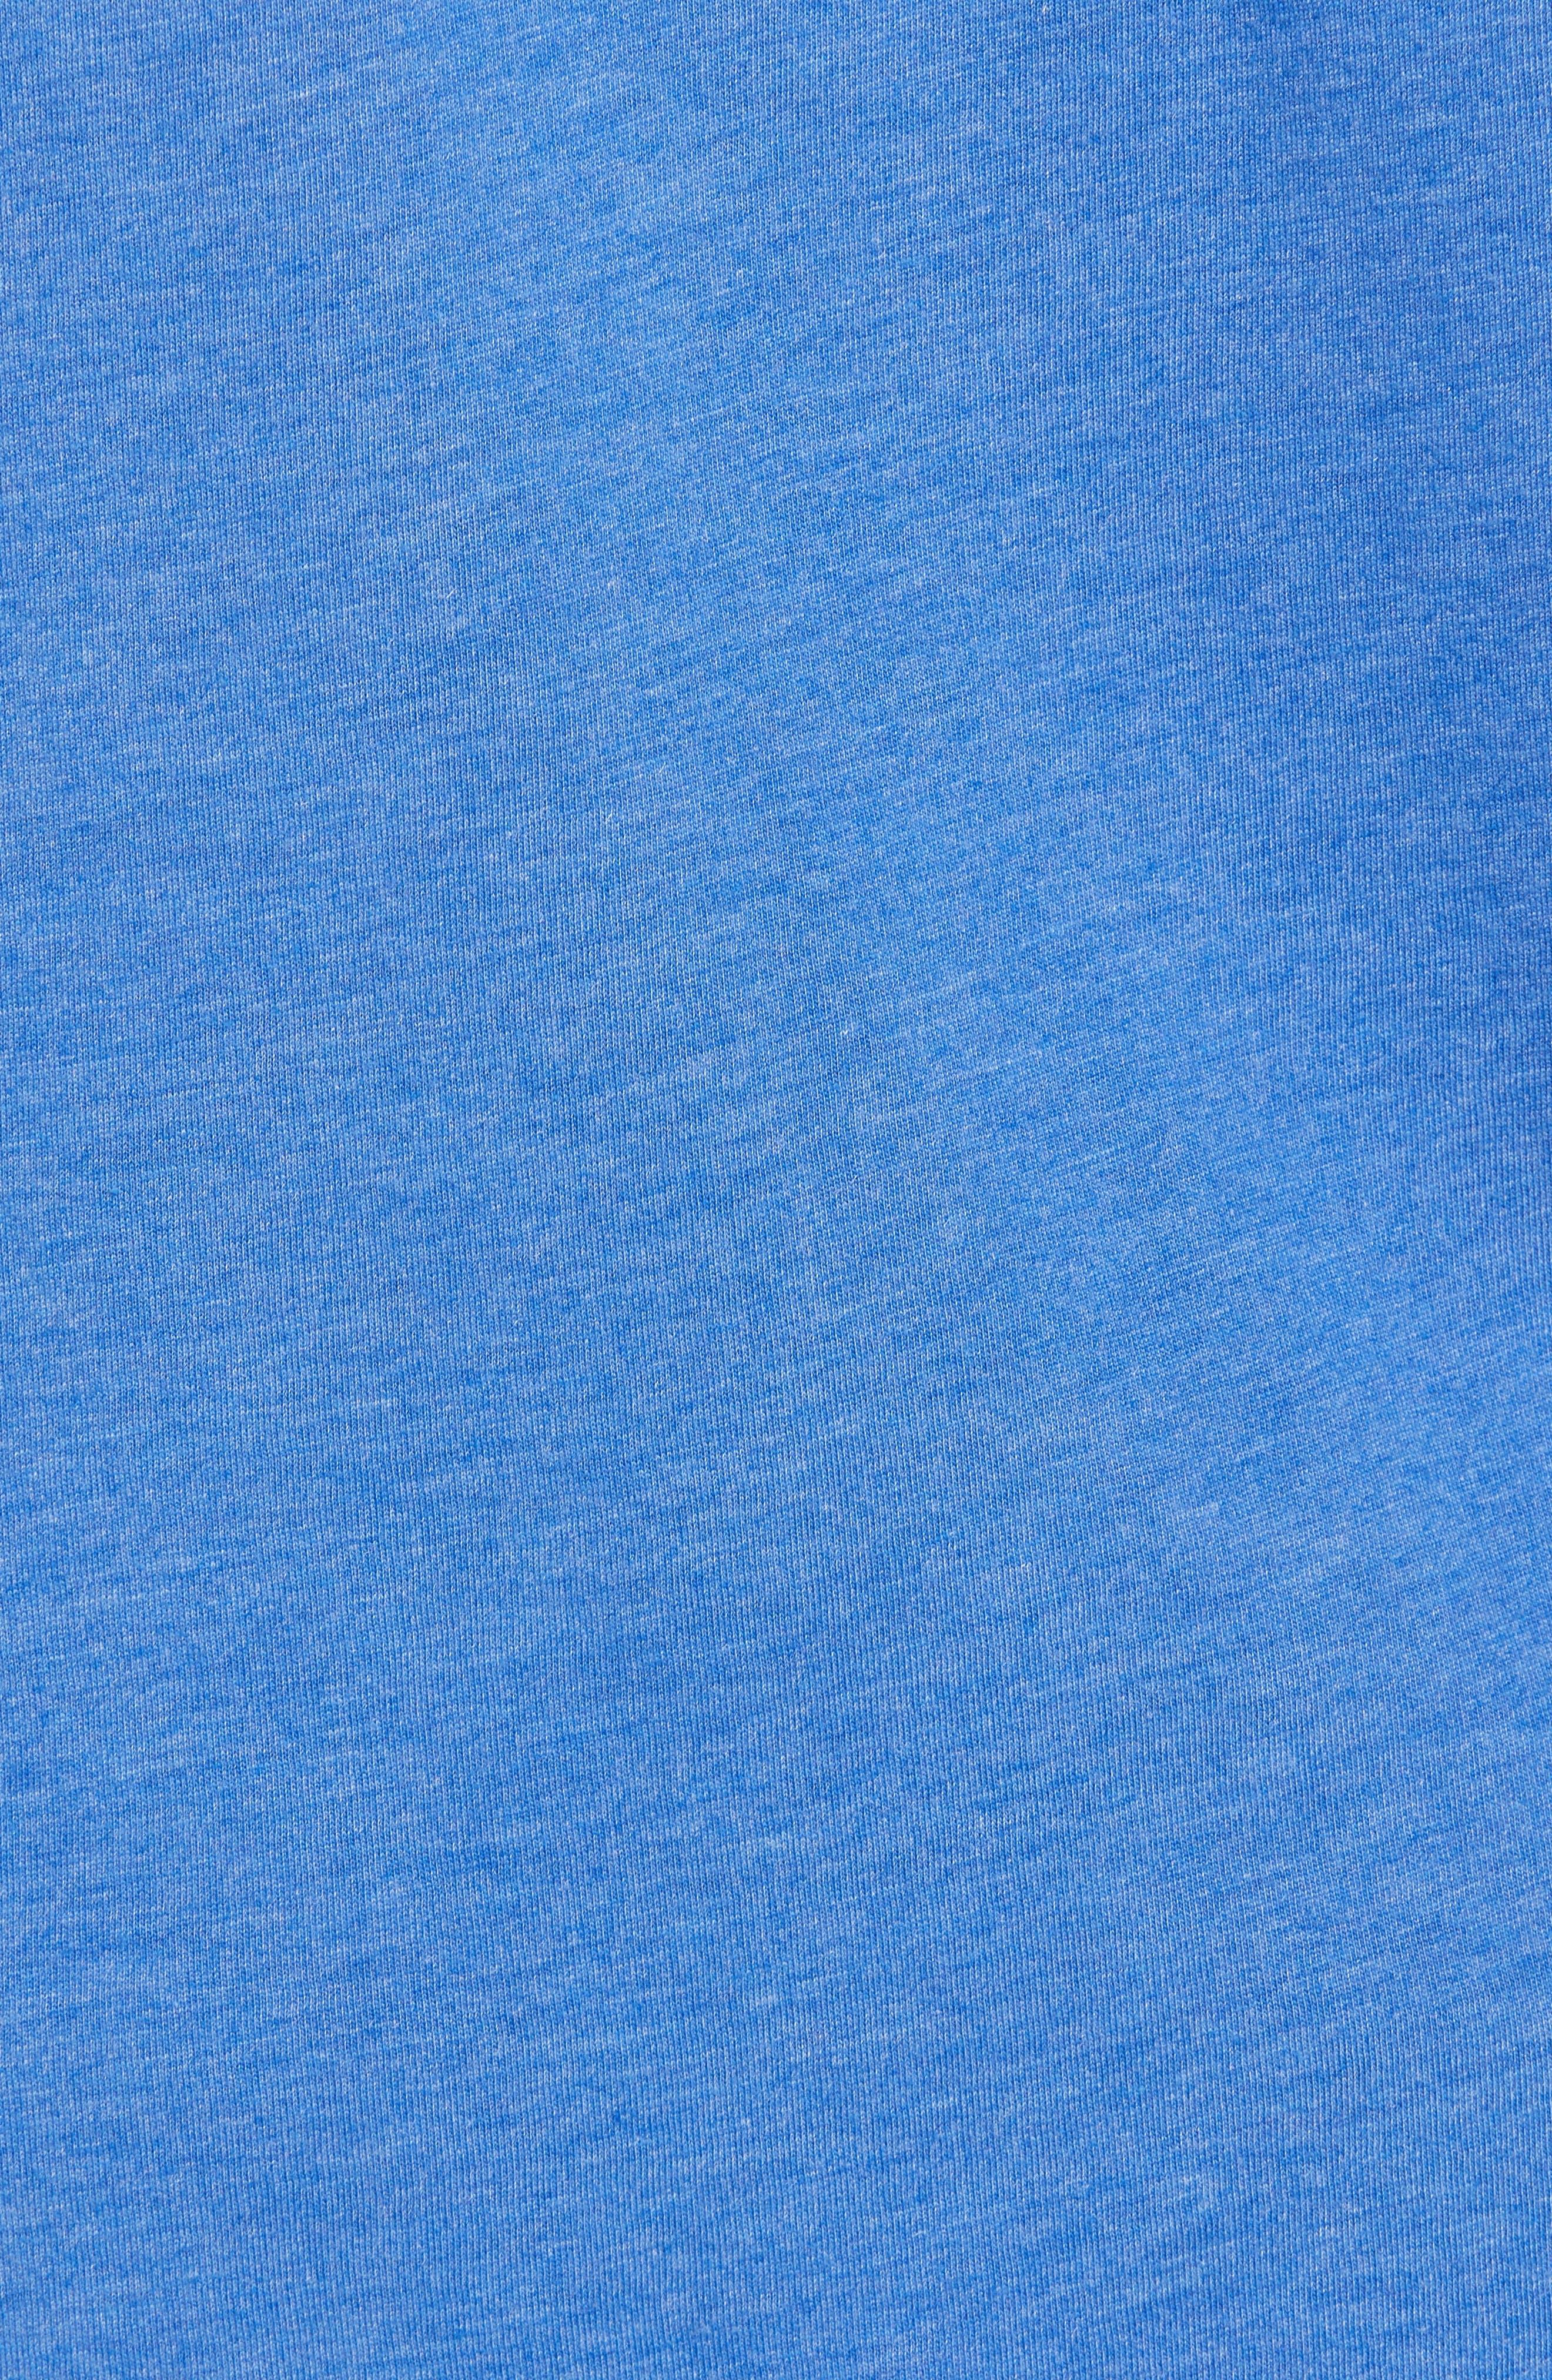 Cali Stripe Graphic T-Shirt,                             Alternate thumbnail 5, color,                             Ripple